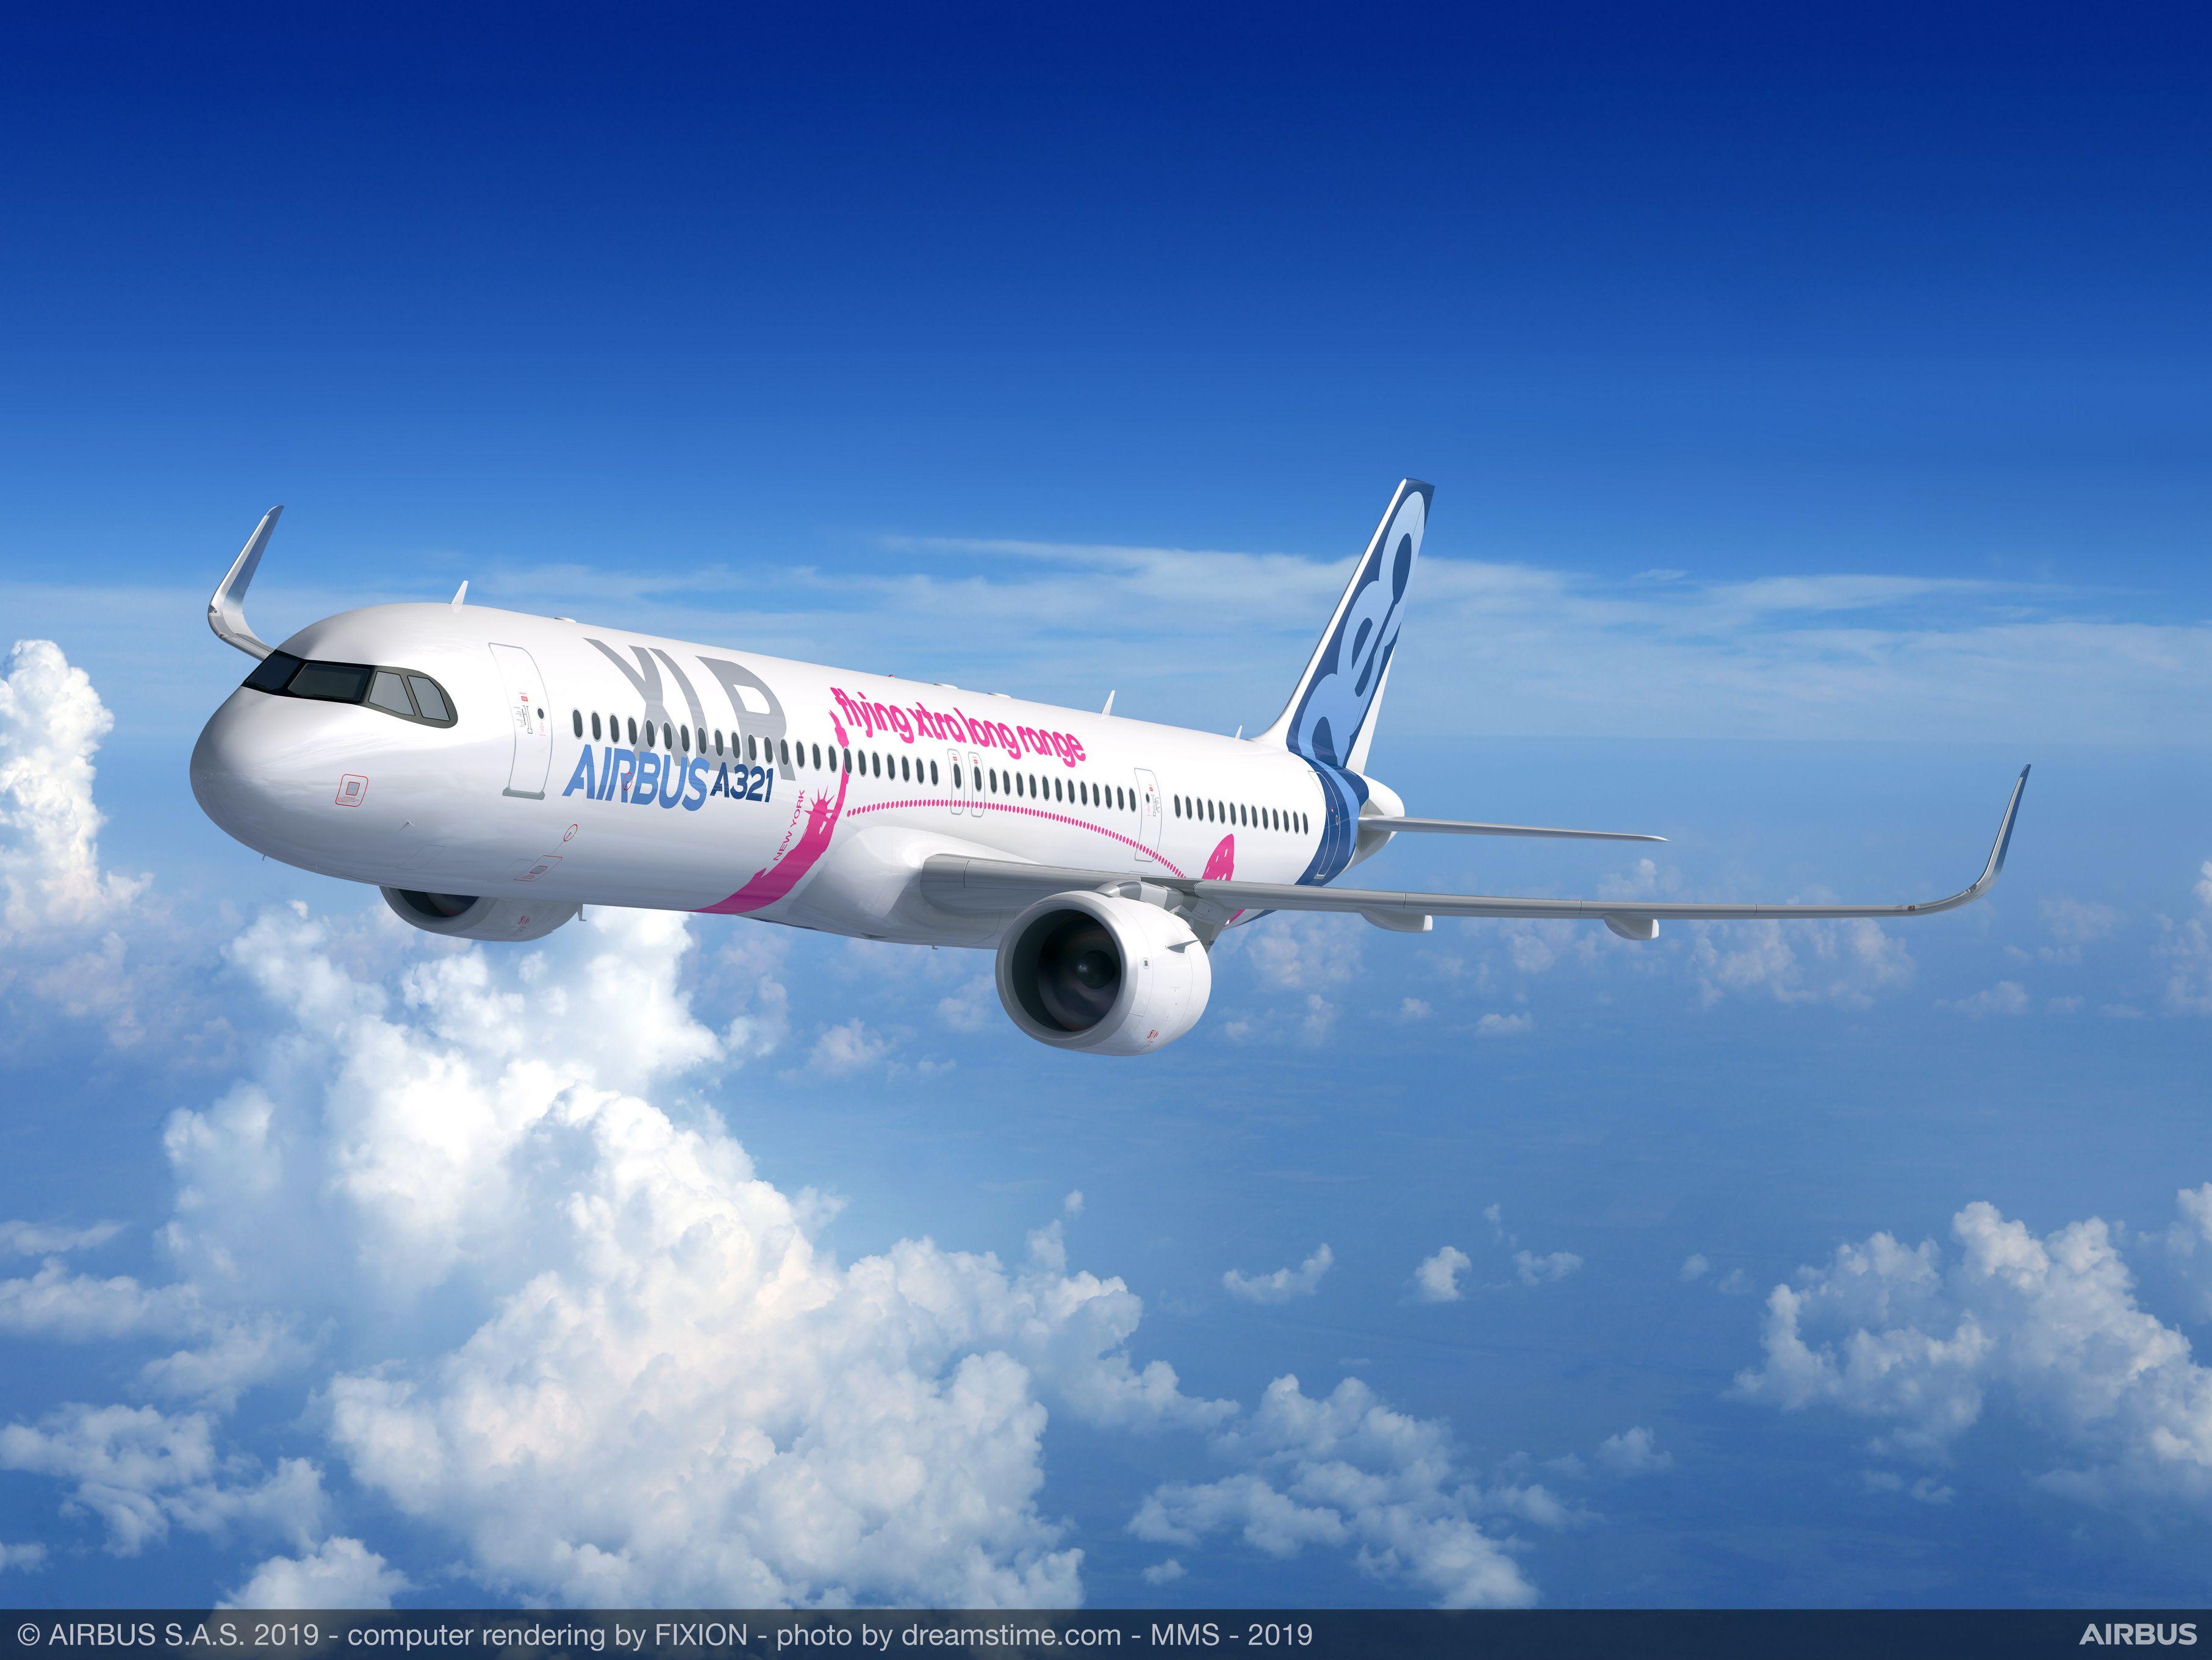 L'A321 XLR, le « game-changer » d'Airbus débute sa carrière en fanfare au Salon du Bourget